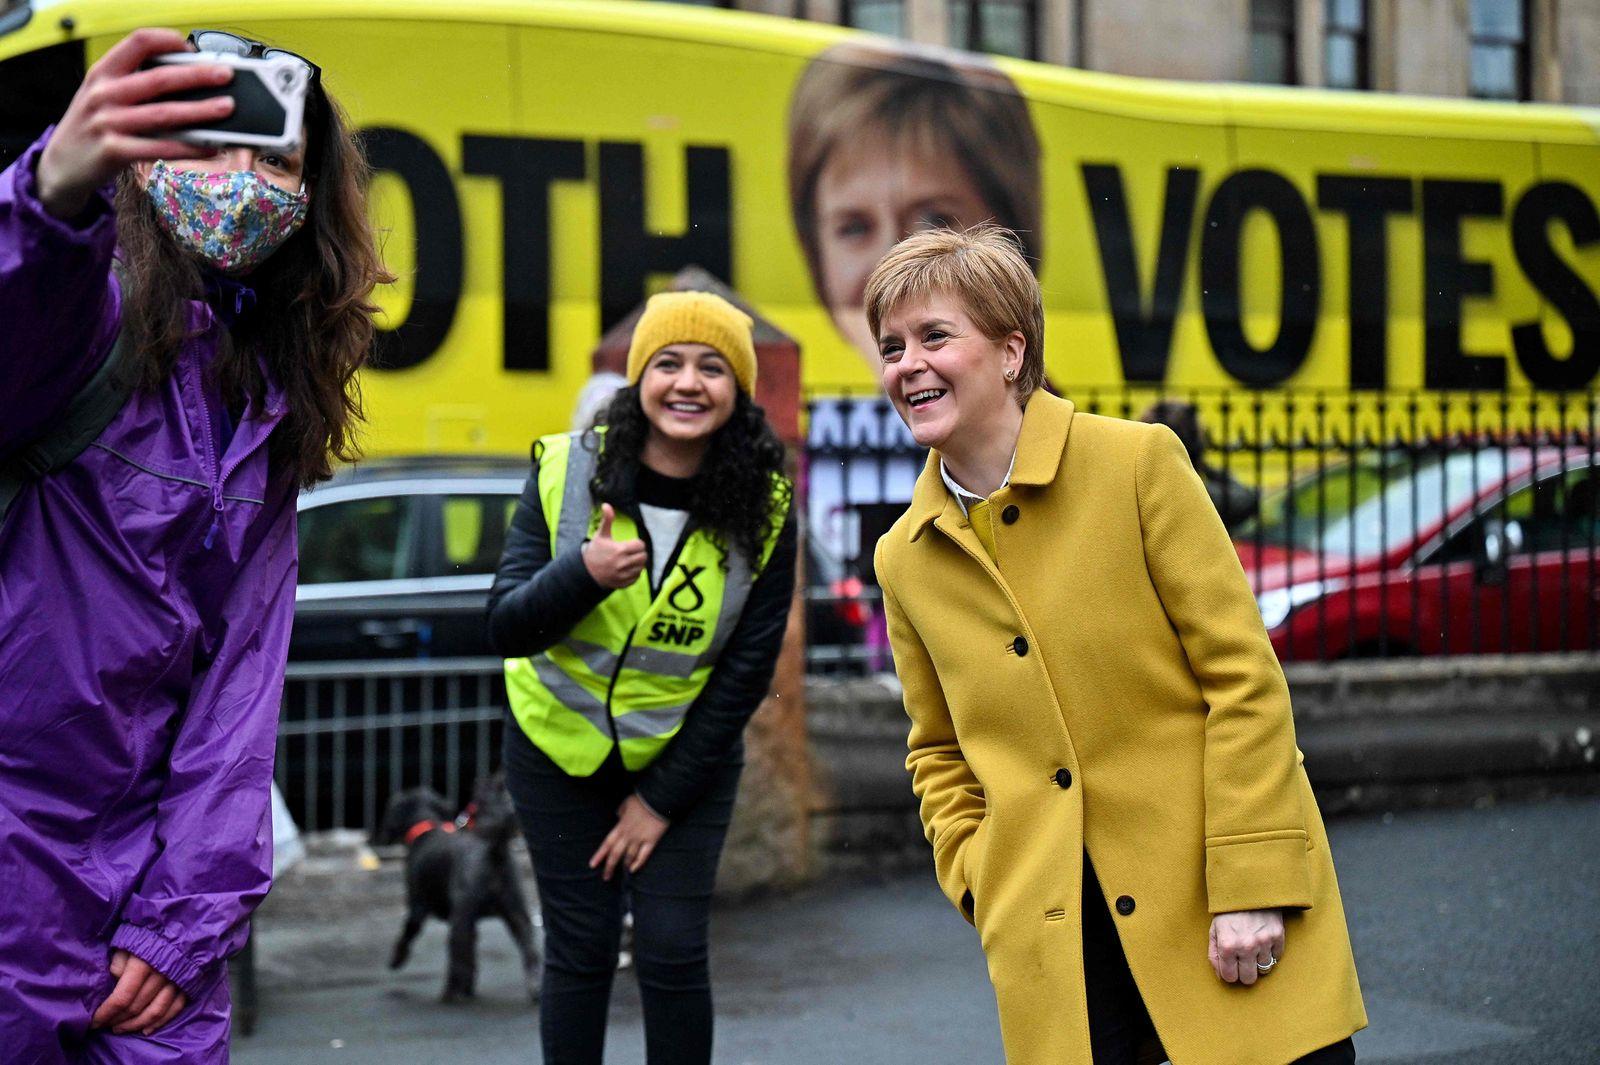 BRITAIN-SCOTLAND-VOTE